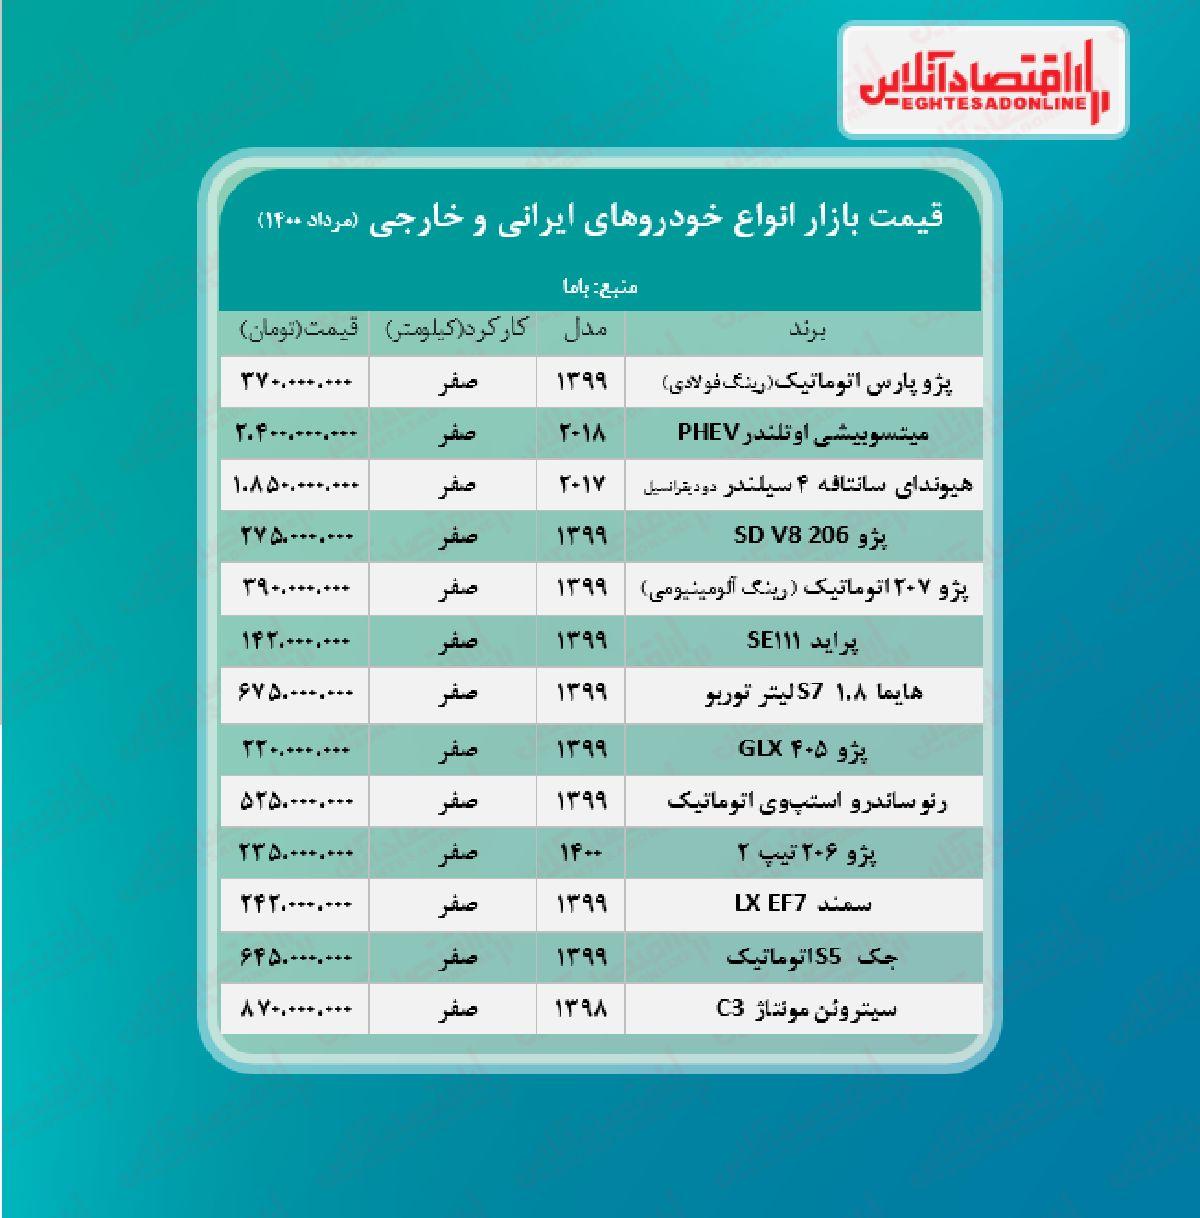 قیمت خودرو امروز ۱۴۰۰/۵/۱۴